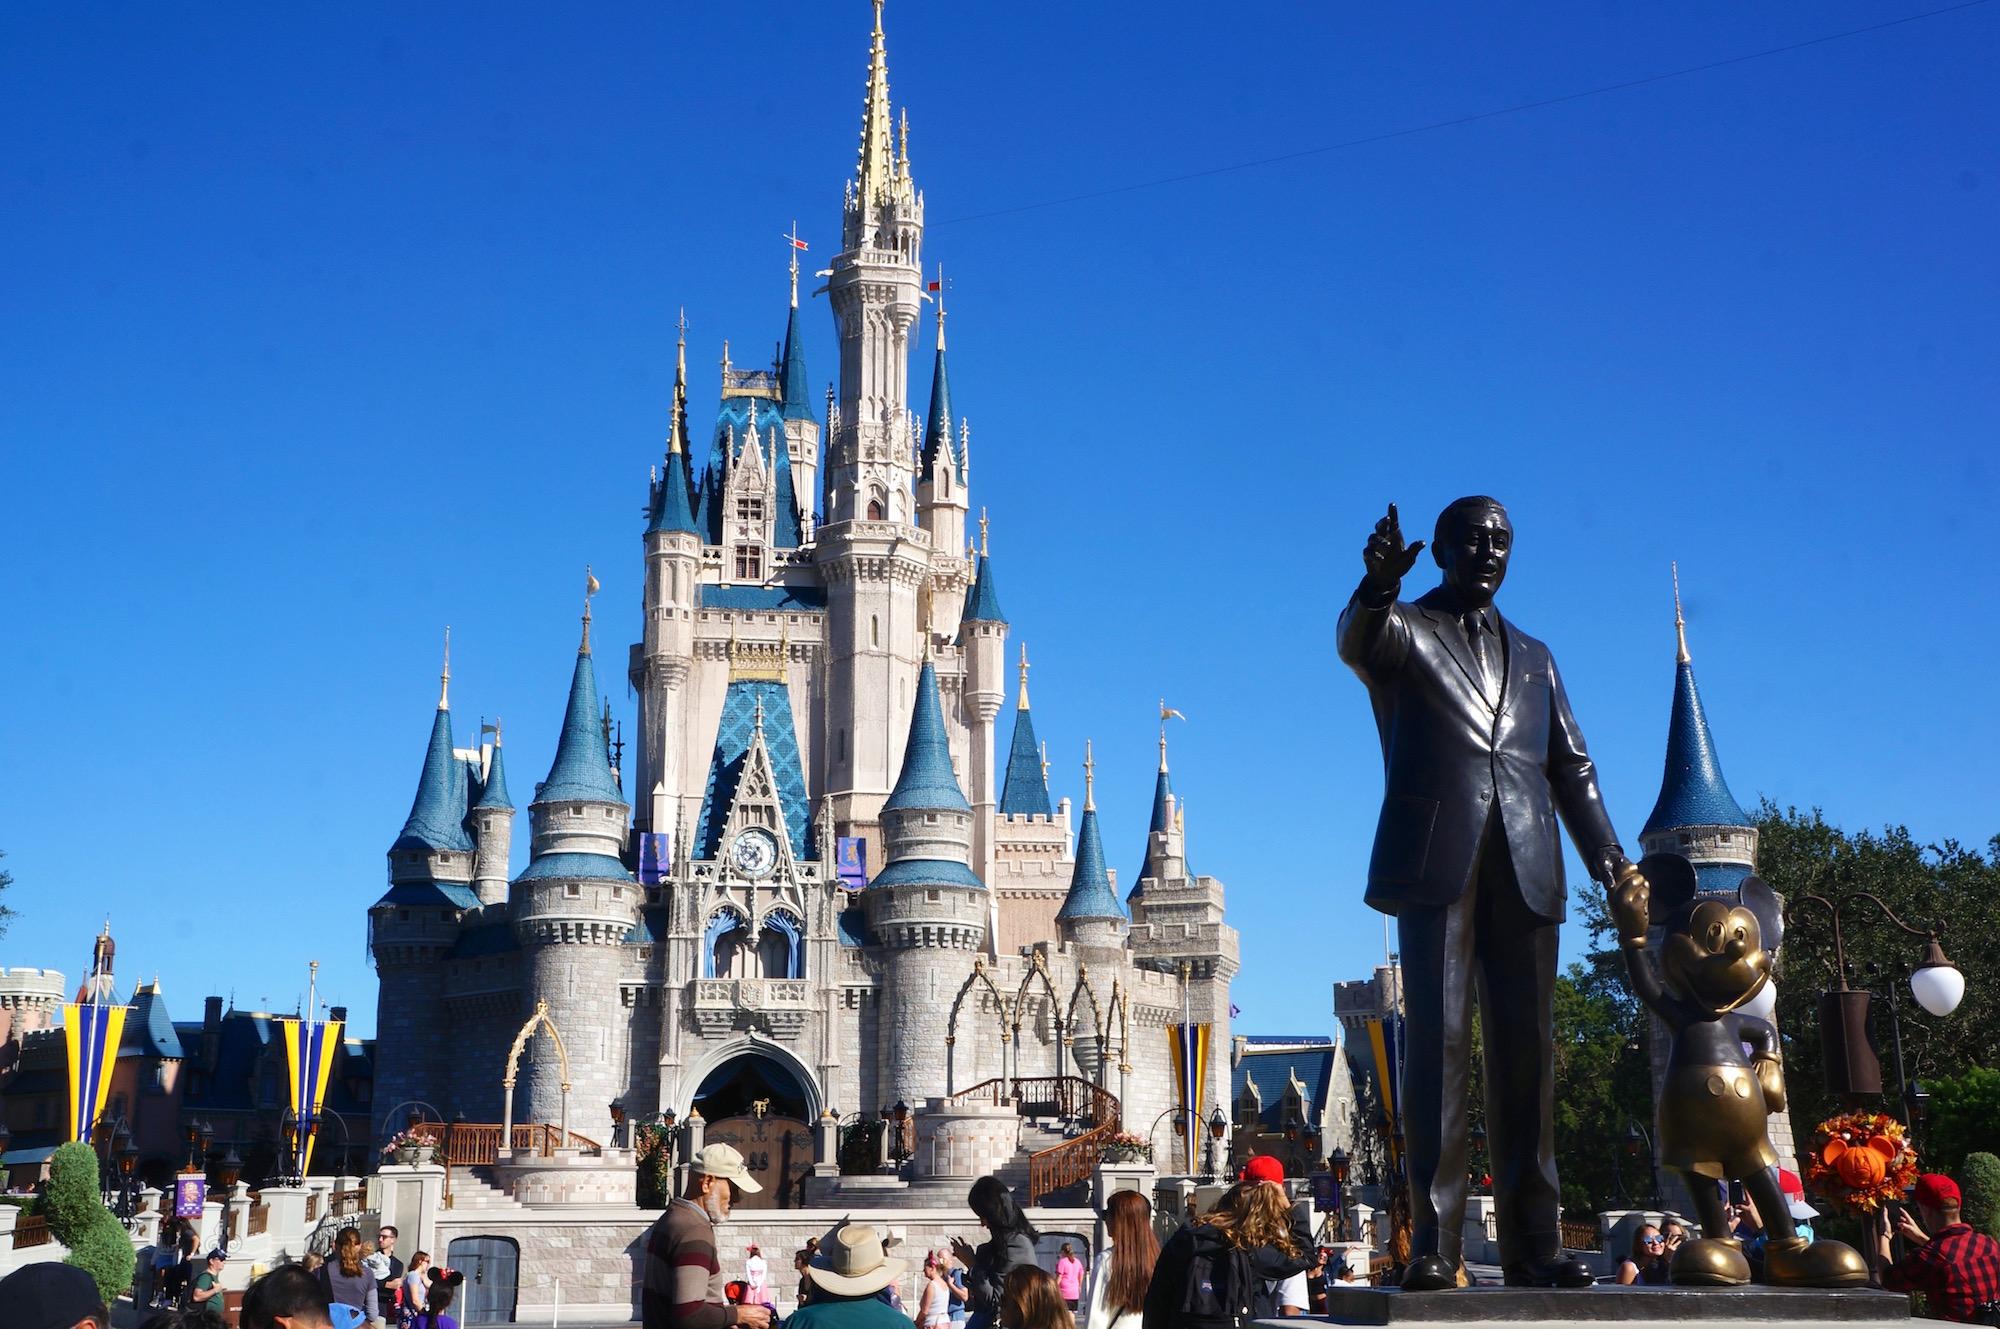 ファンが待ち望んでいた場所は、アメリカのフロリダで見つけました。ウォルト・ディズニー・ワールド内の、マジックキングダム内にそのエリアはあります。